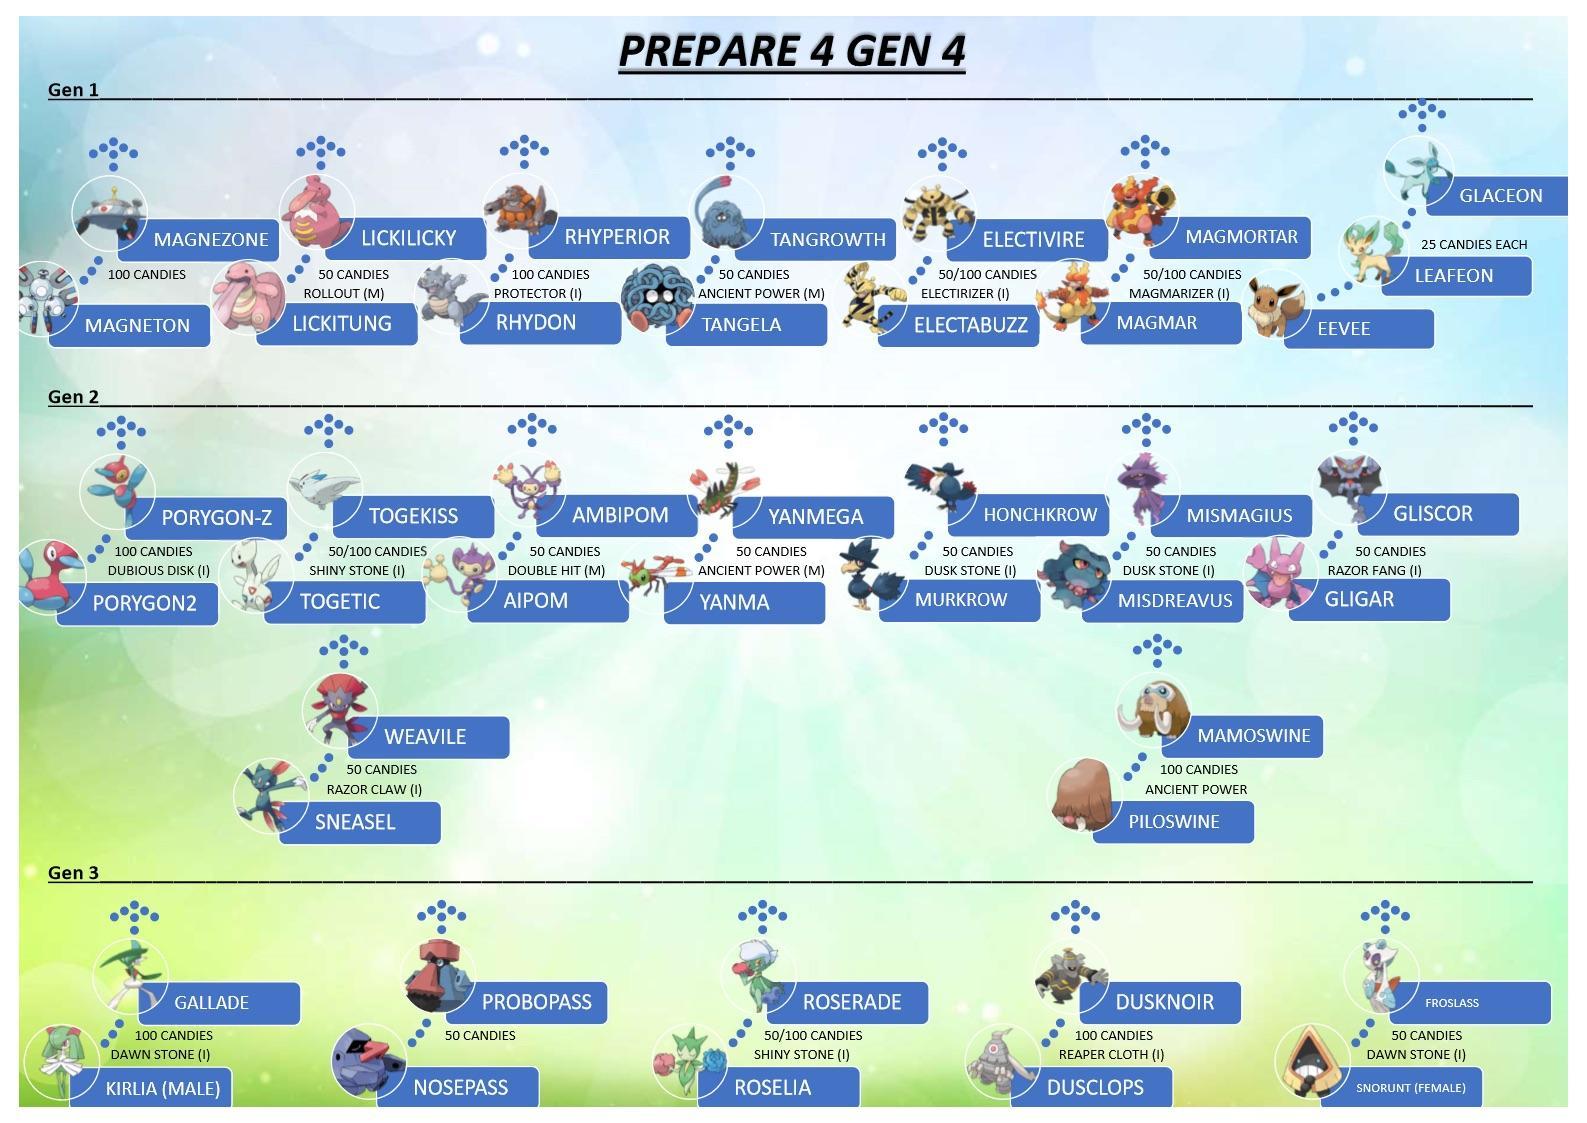 Pokémon GO Gen 4 Entwicklungen Grafik